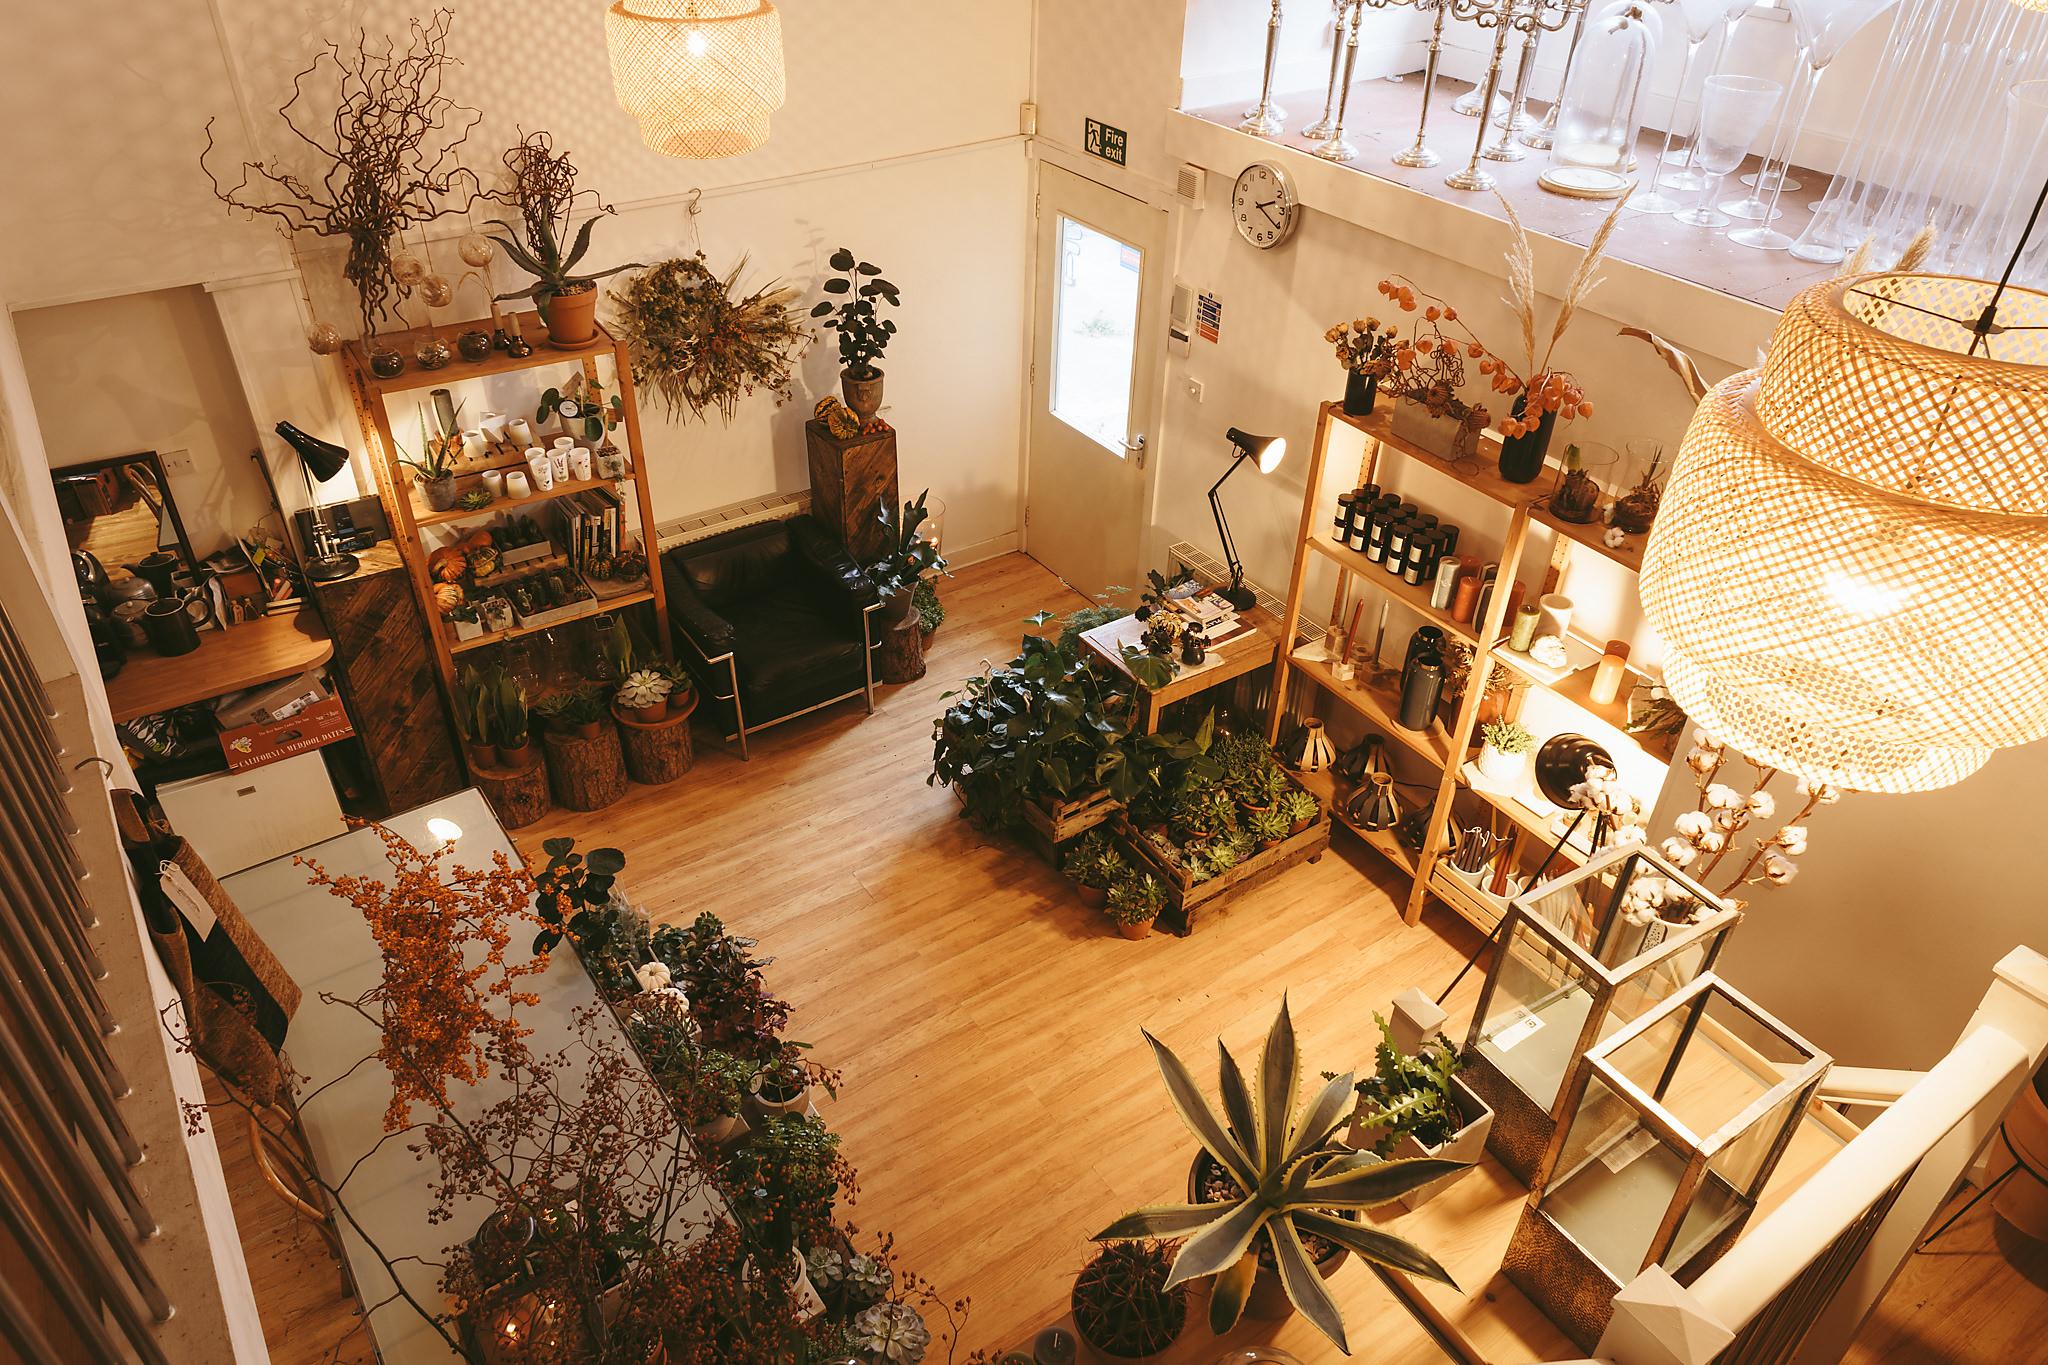 Wildflower_Studio_Oct17-4.jpg